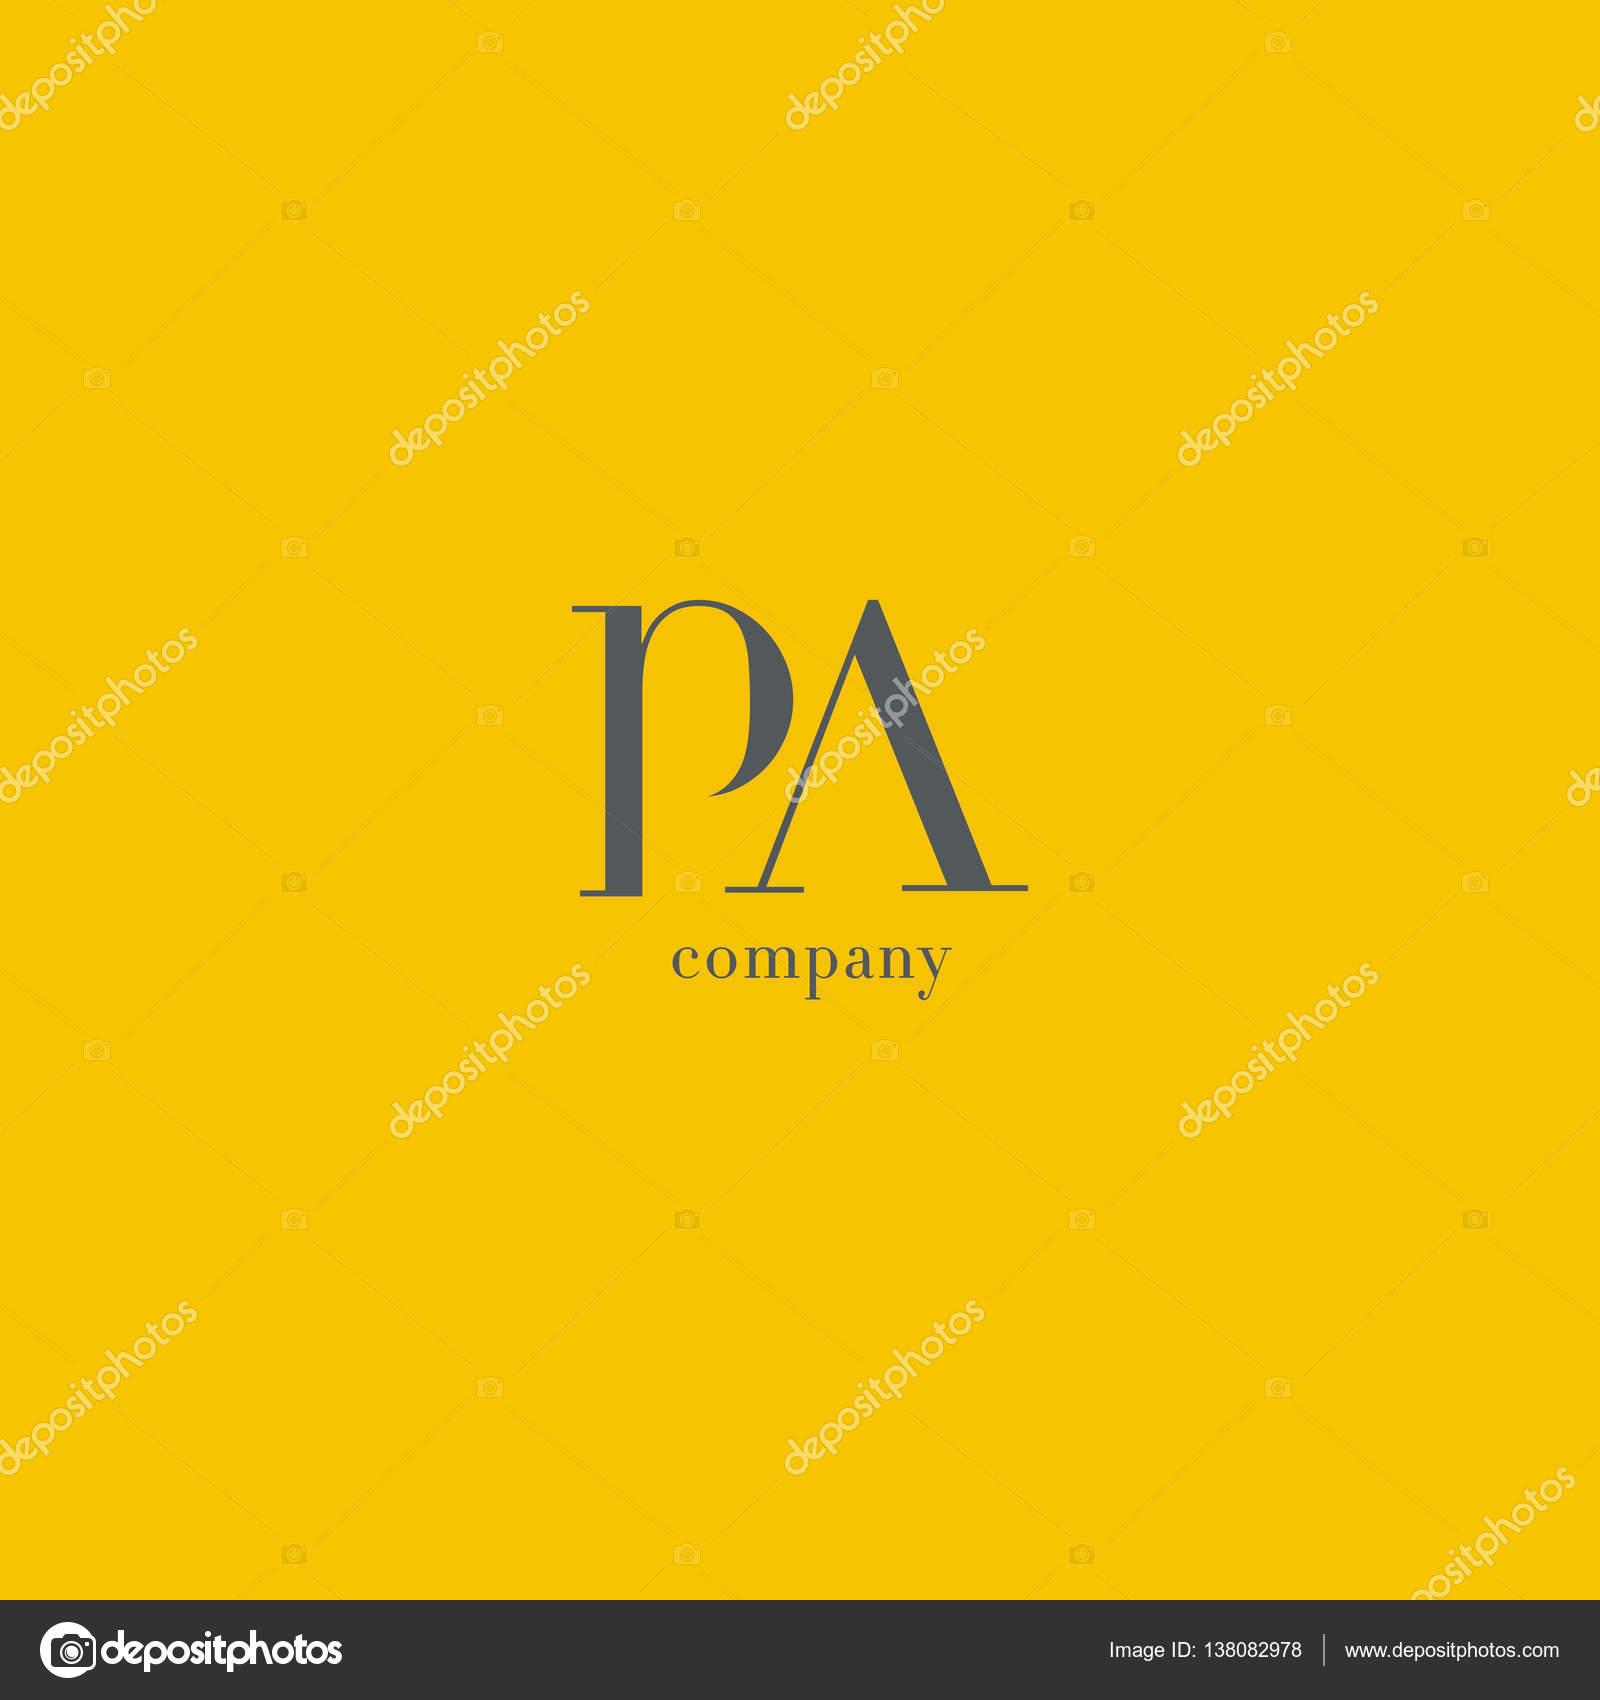 company p l